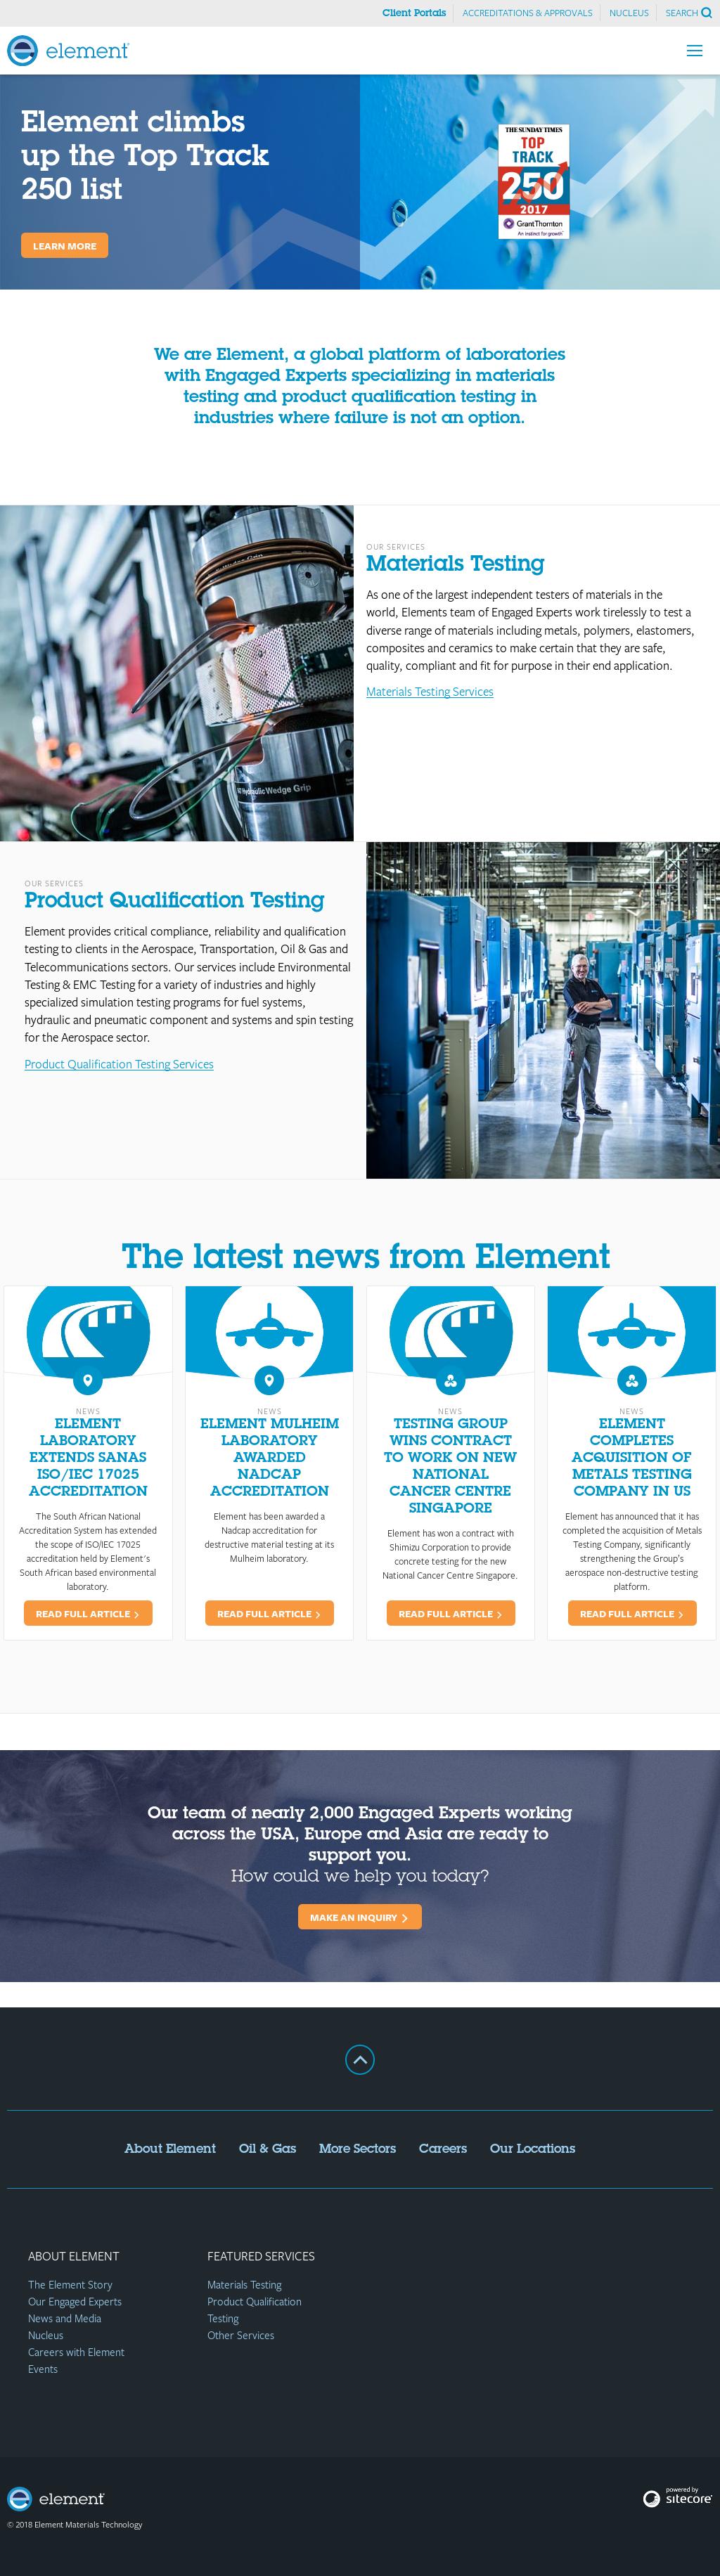 Element Materials Technology's Latest News, Blogs, Press